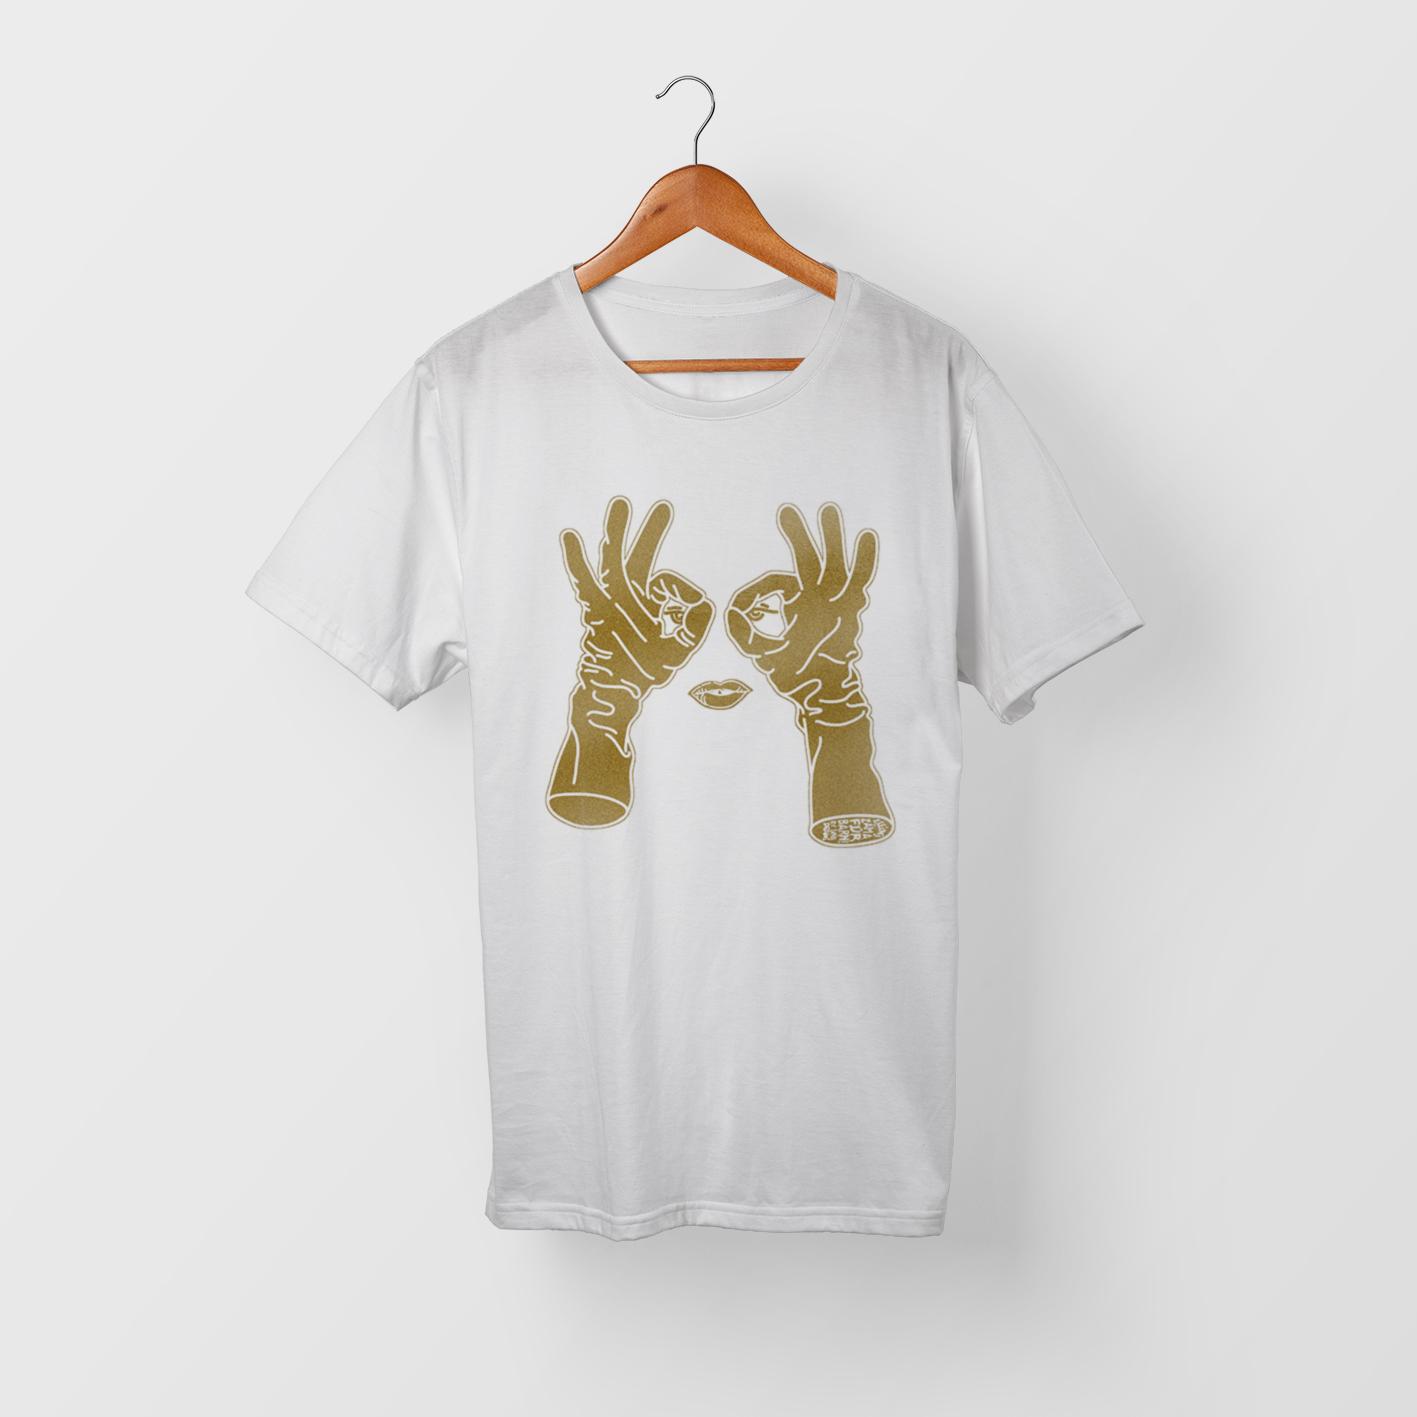 Dieses exklusive Design-Shirt gibt es zu gewinnen!